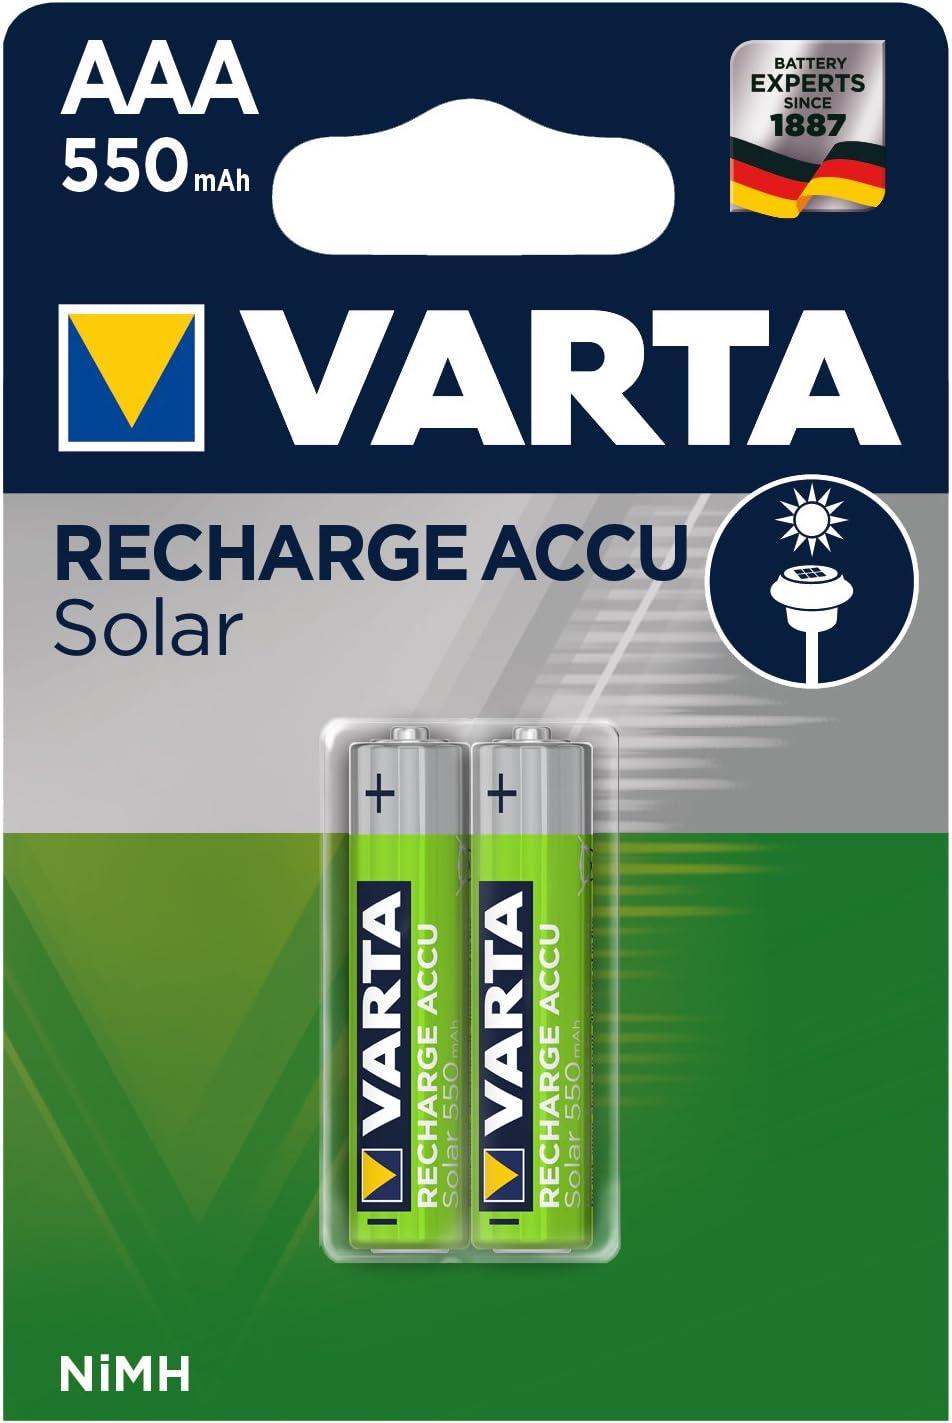 Pila Micro de Ni-Mh VARTA Recharge Accu Solar (AAA, 550 mAh, paquete de 2 unidades), recargable sin efecto de memoria: Amazon.es: Electrónica